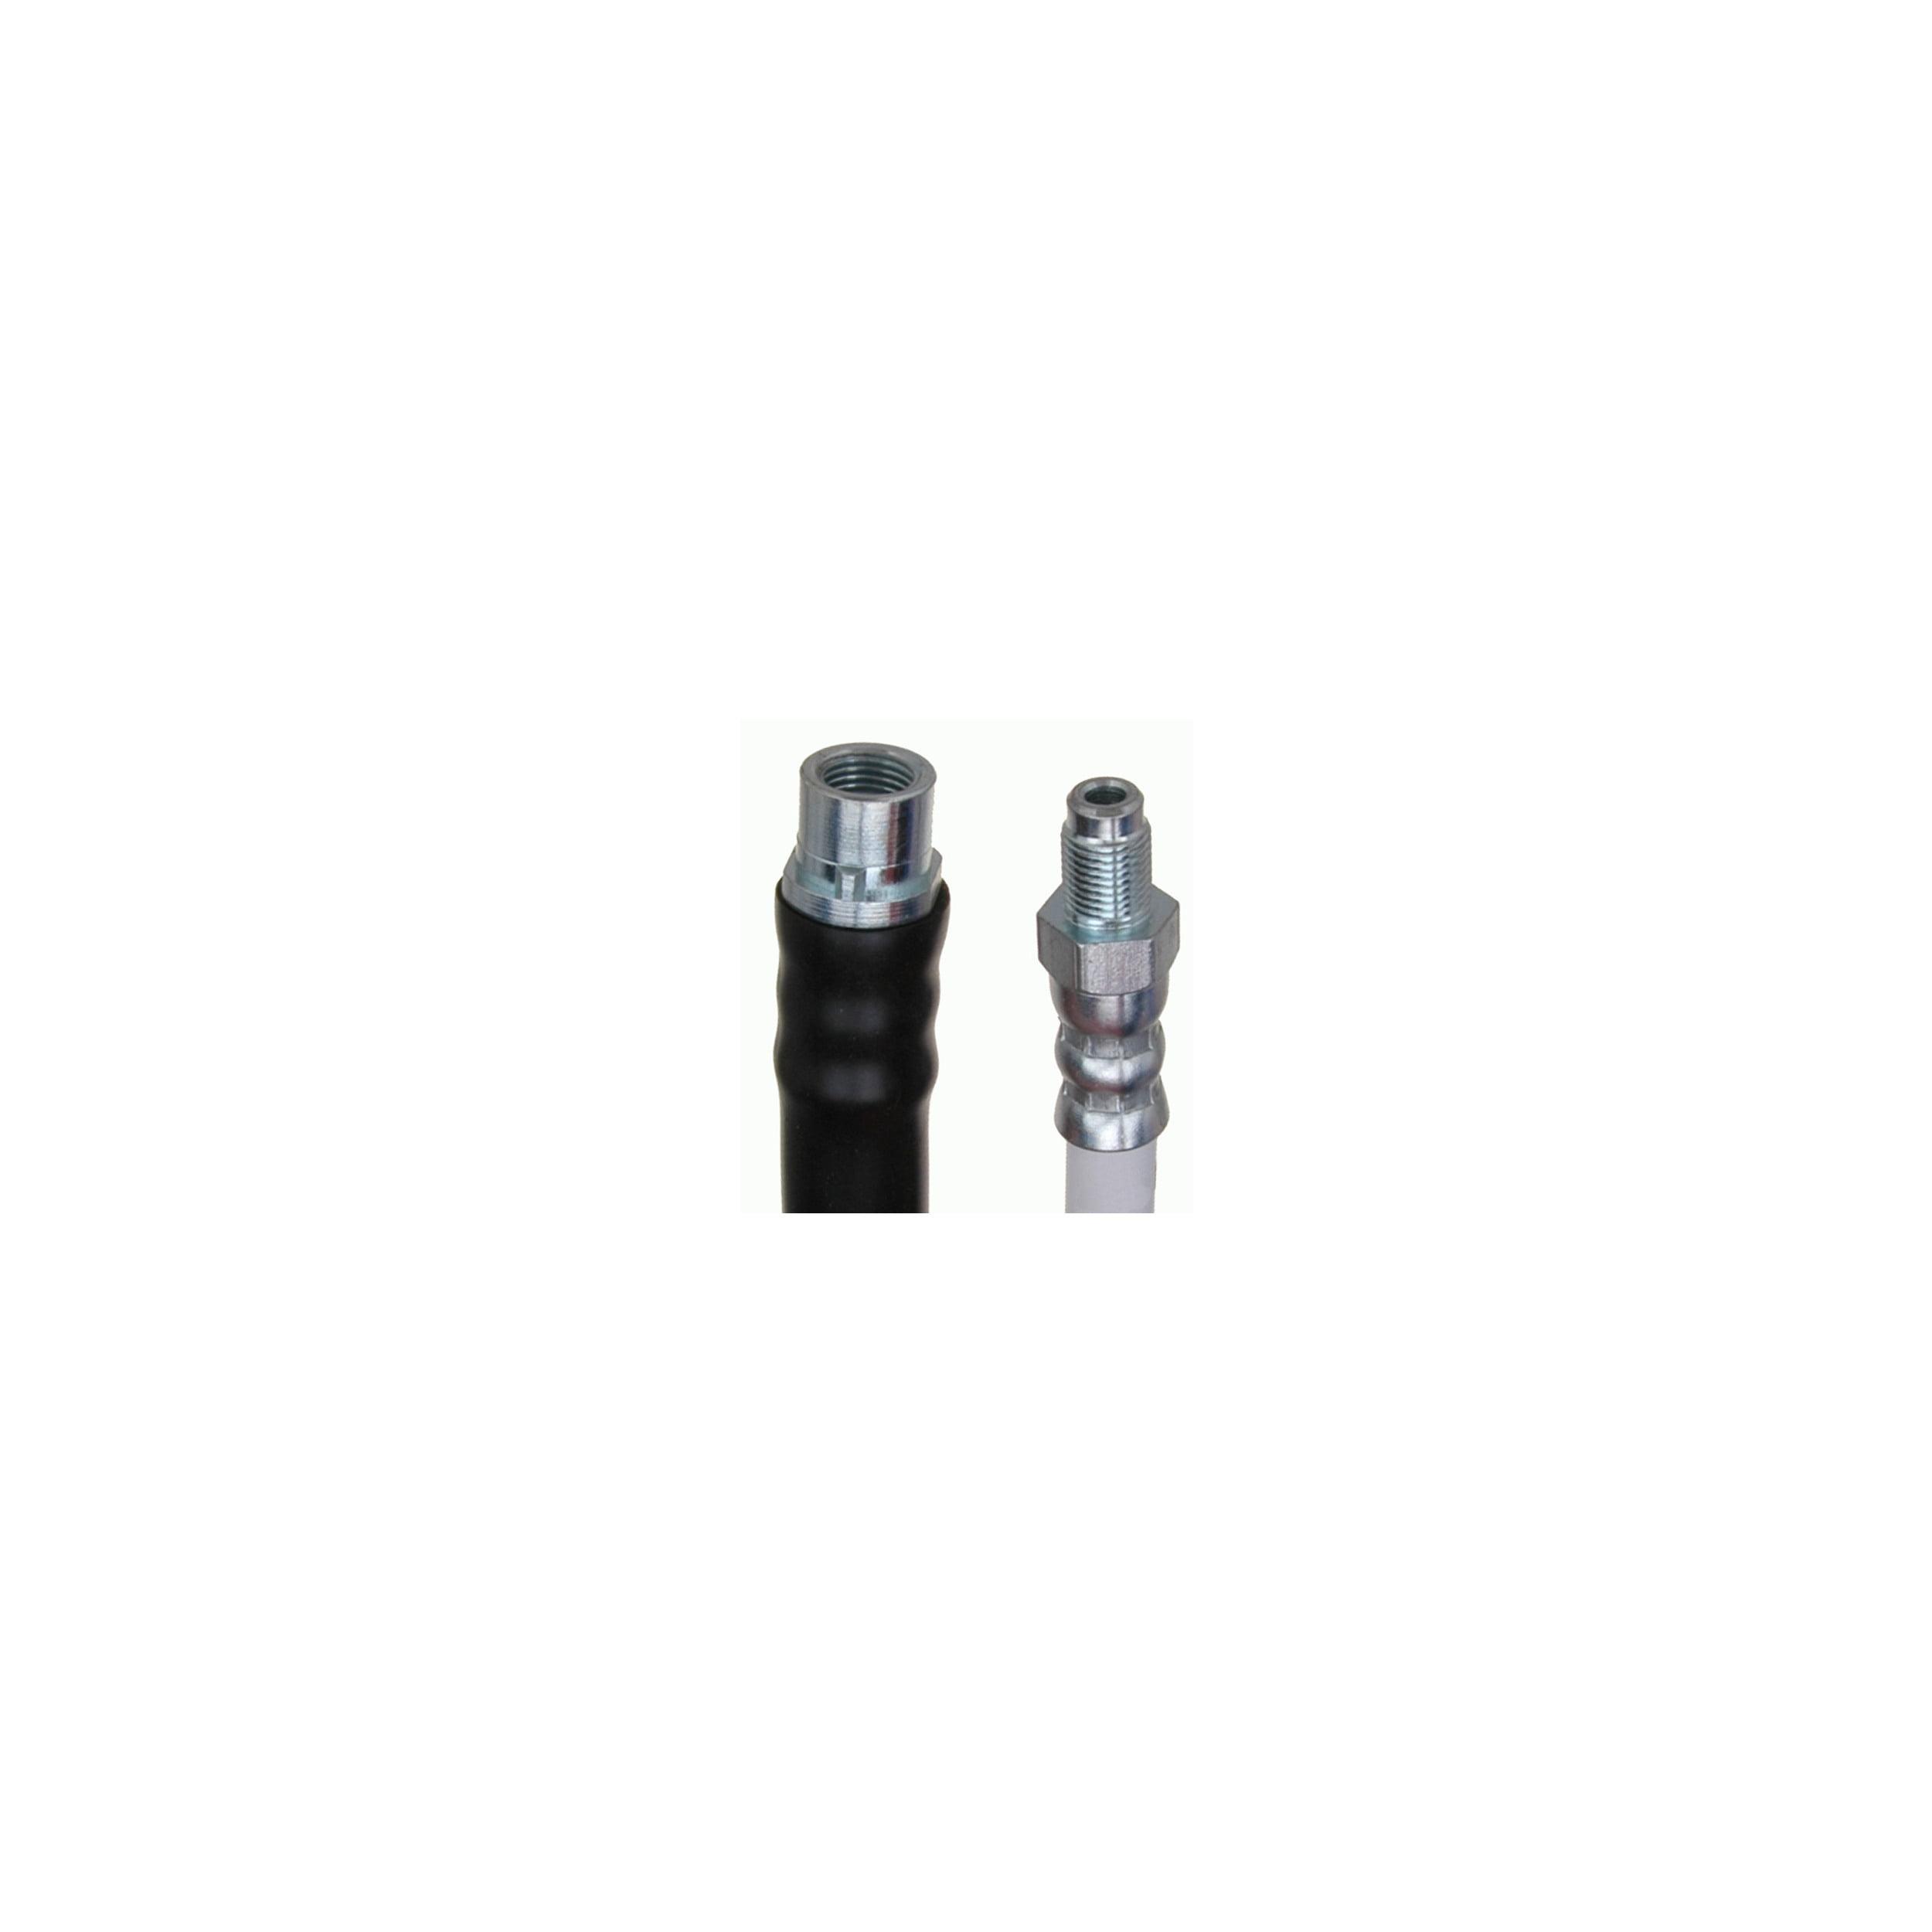 Brake Hydraulic Hose-Element3; Rear Raybestos BH383174